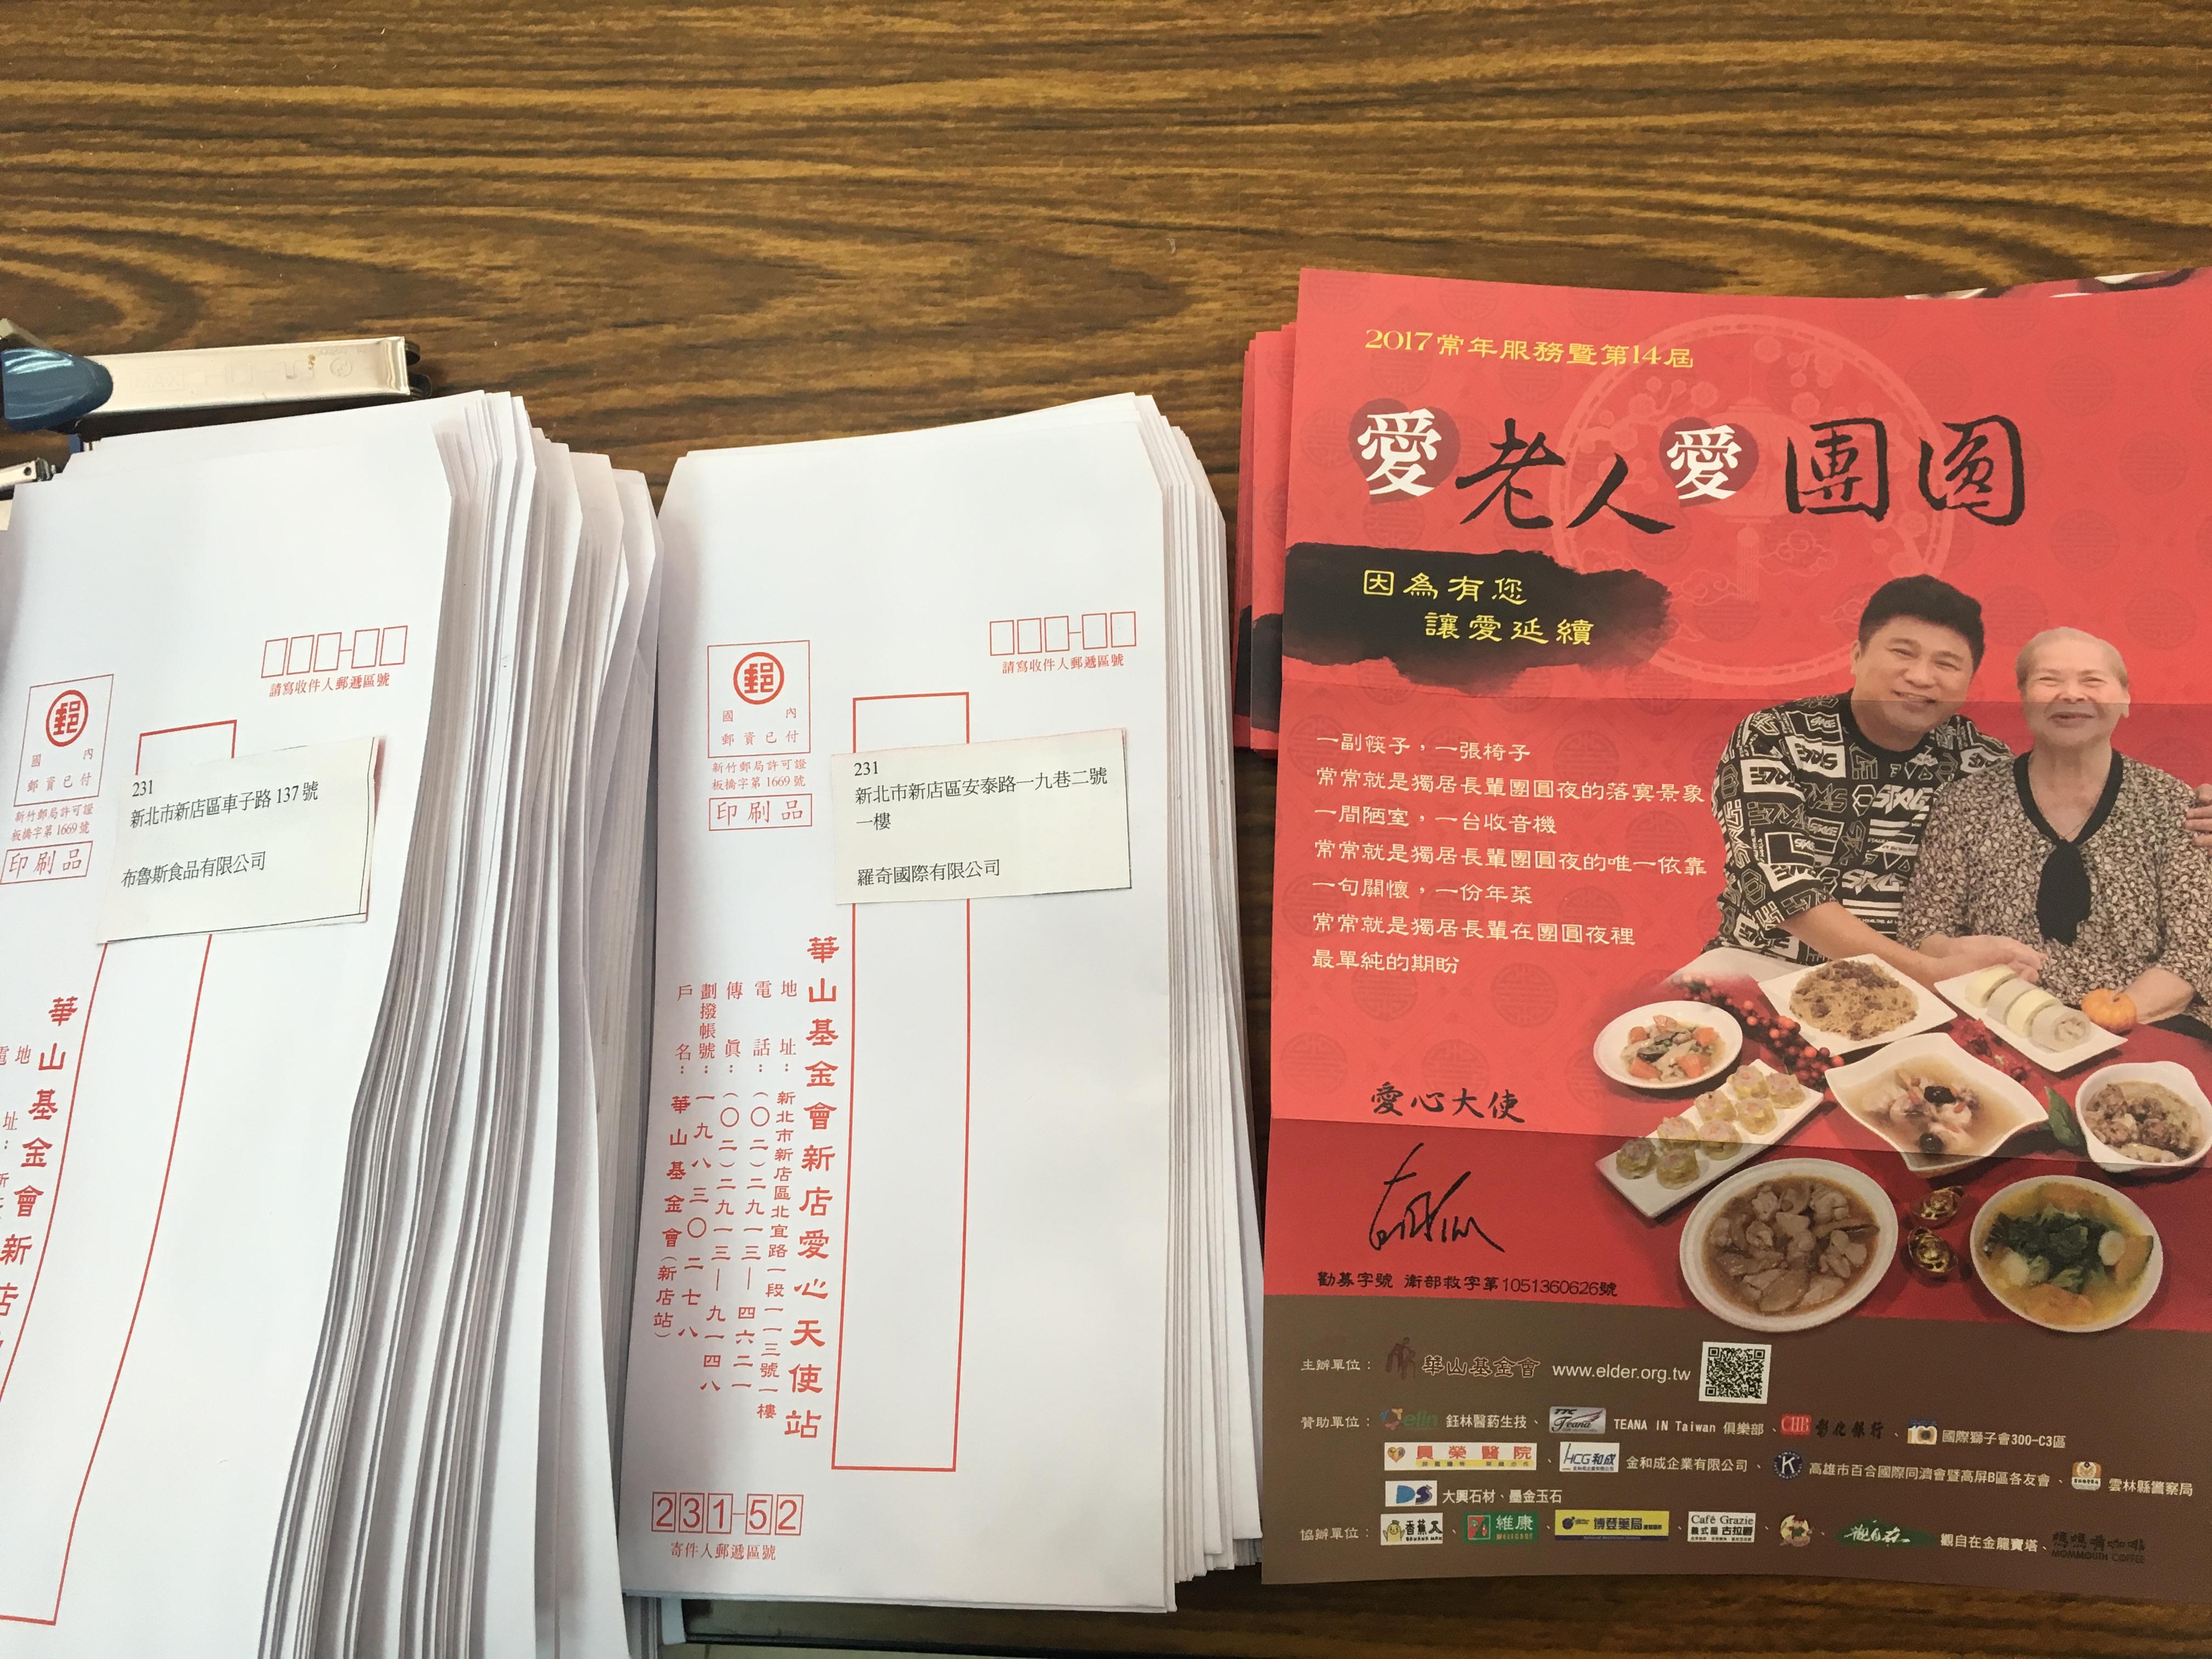 基金會爲愛心年夜菜設計的宣傳單和信函。攝影/沈鈺琪